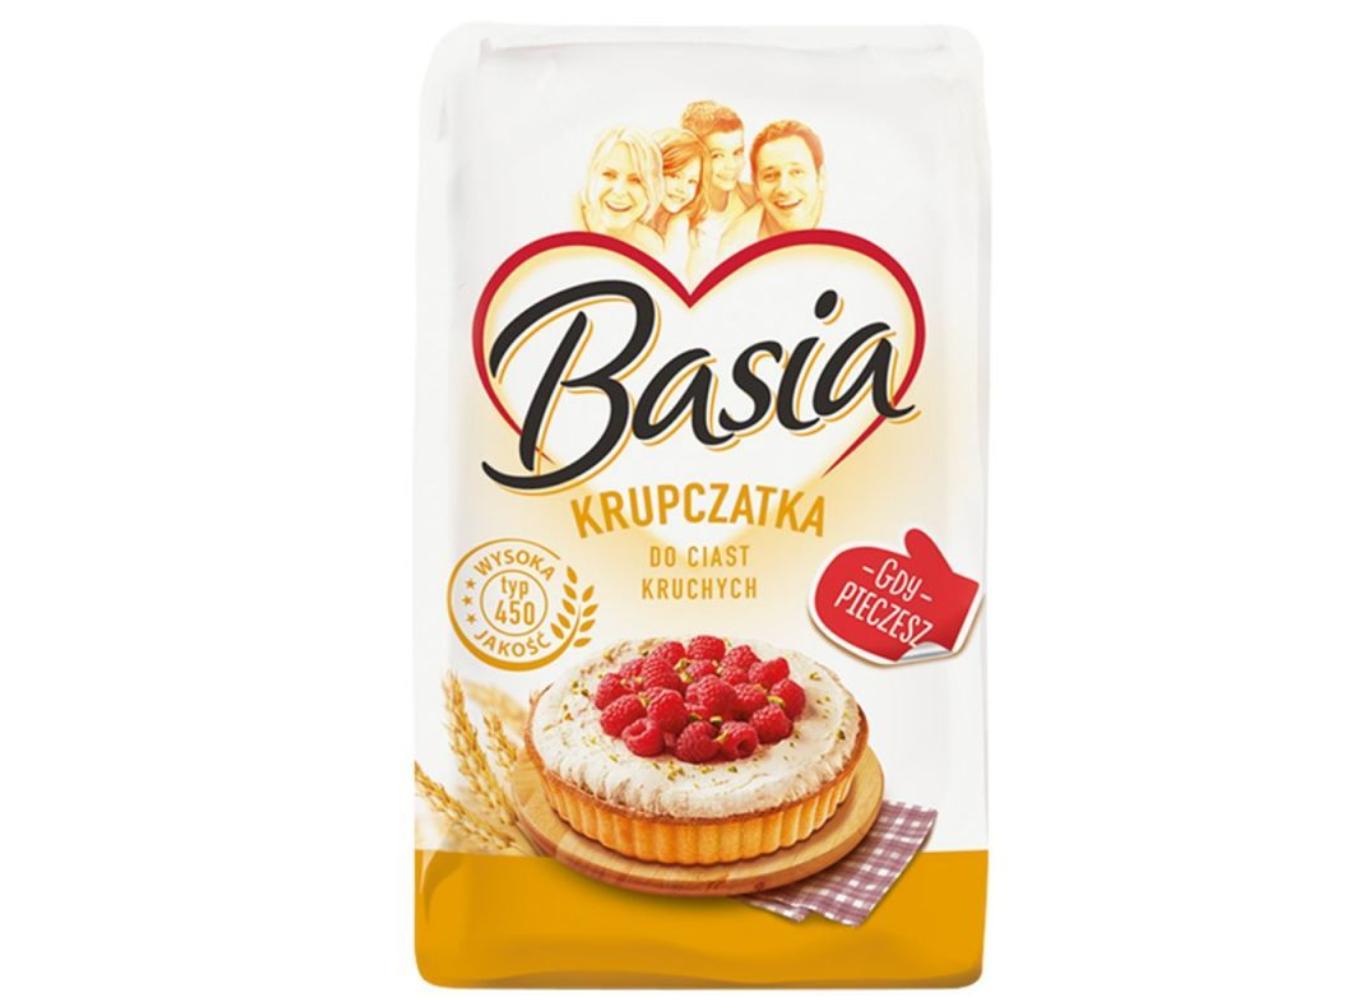 MĄKA KRUPCZATKA - BASIA 1000g